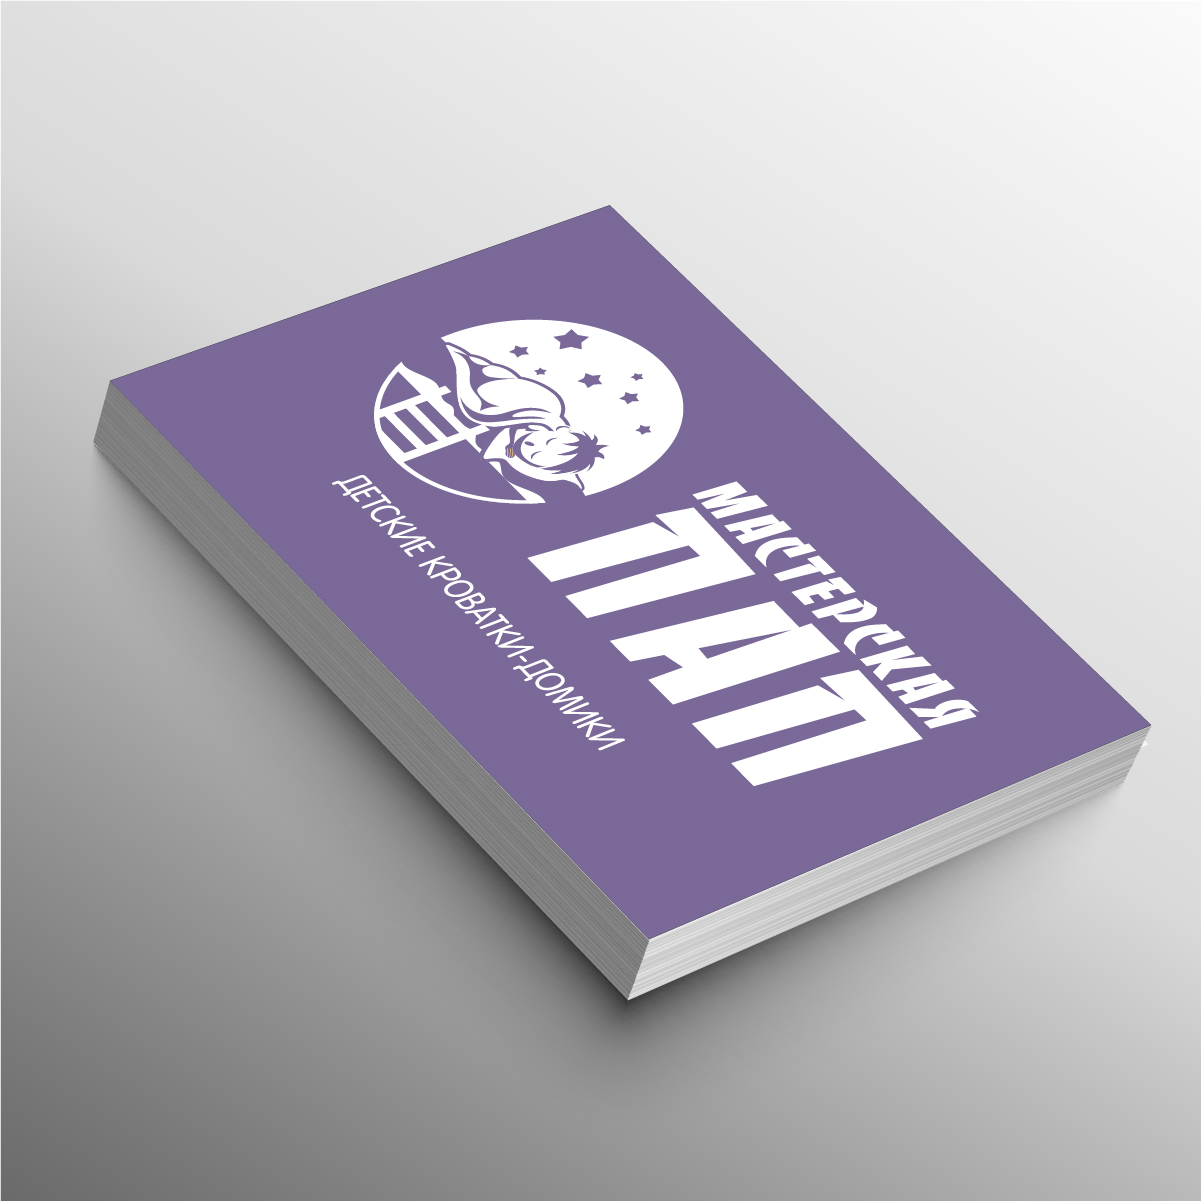 Разработка логотипа  фото f_2725aacfb356ad37.jpg